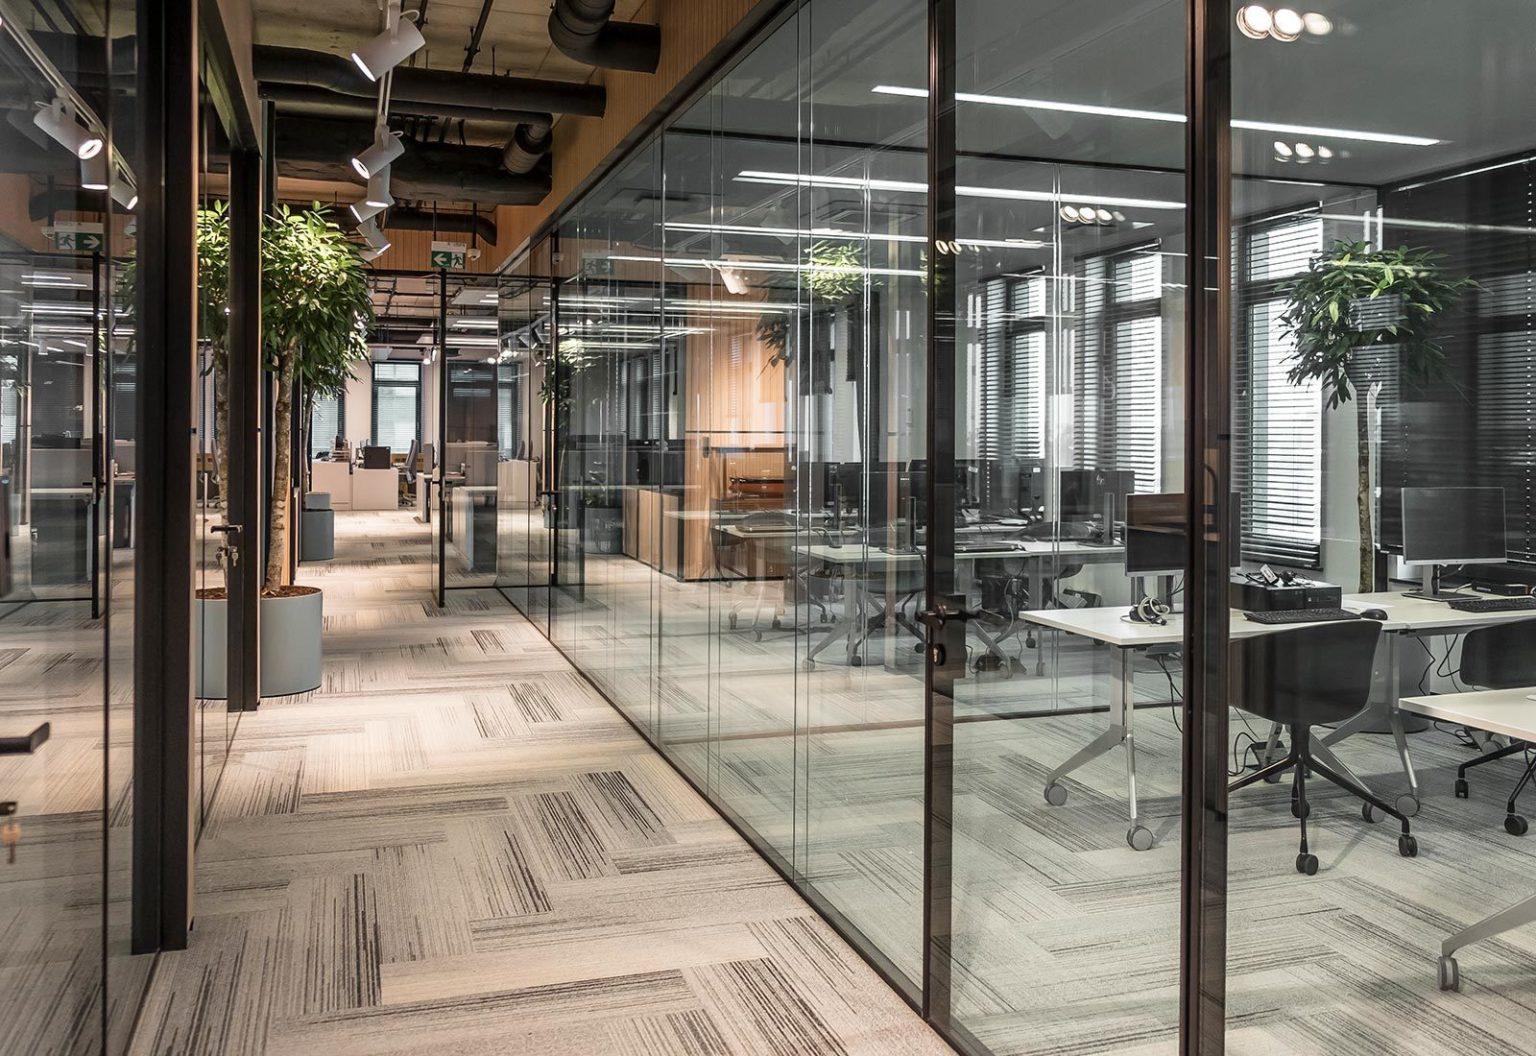 eclairage_led_baes_pro_bureau_office_tertiaire_interieur_spot_luminaire_downlight_projecteur_tube_lumineux_dalle_eco_energie